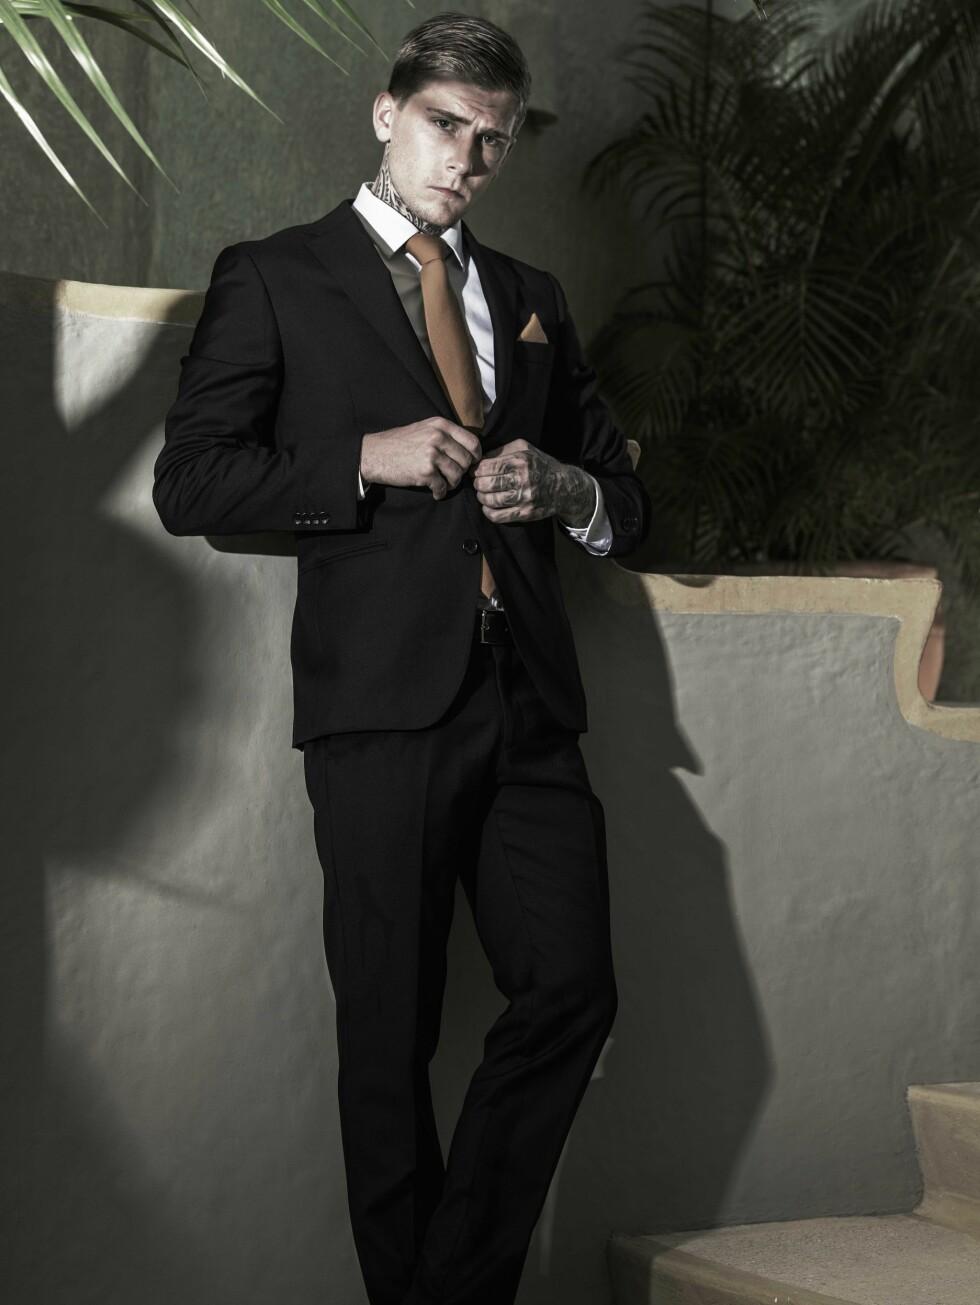 KEVIN RENÉ GUSTAVSSON (21) fra Stord beskriver seg selv som en aktiv fyr som drømmer om å tatovere hele kroppen. Han dolker gjerne de andre deltakerne i ryggen for å vinne. Foto: Rune Bendiksen / TV 3